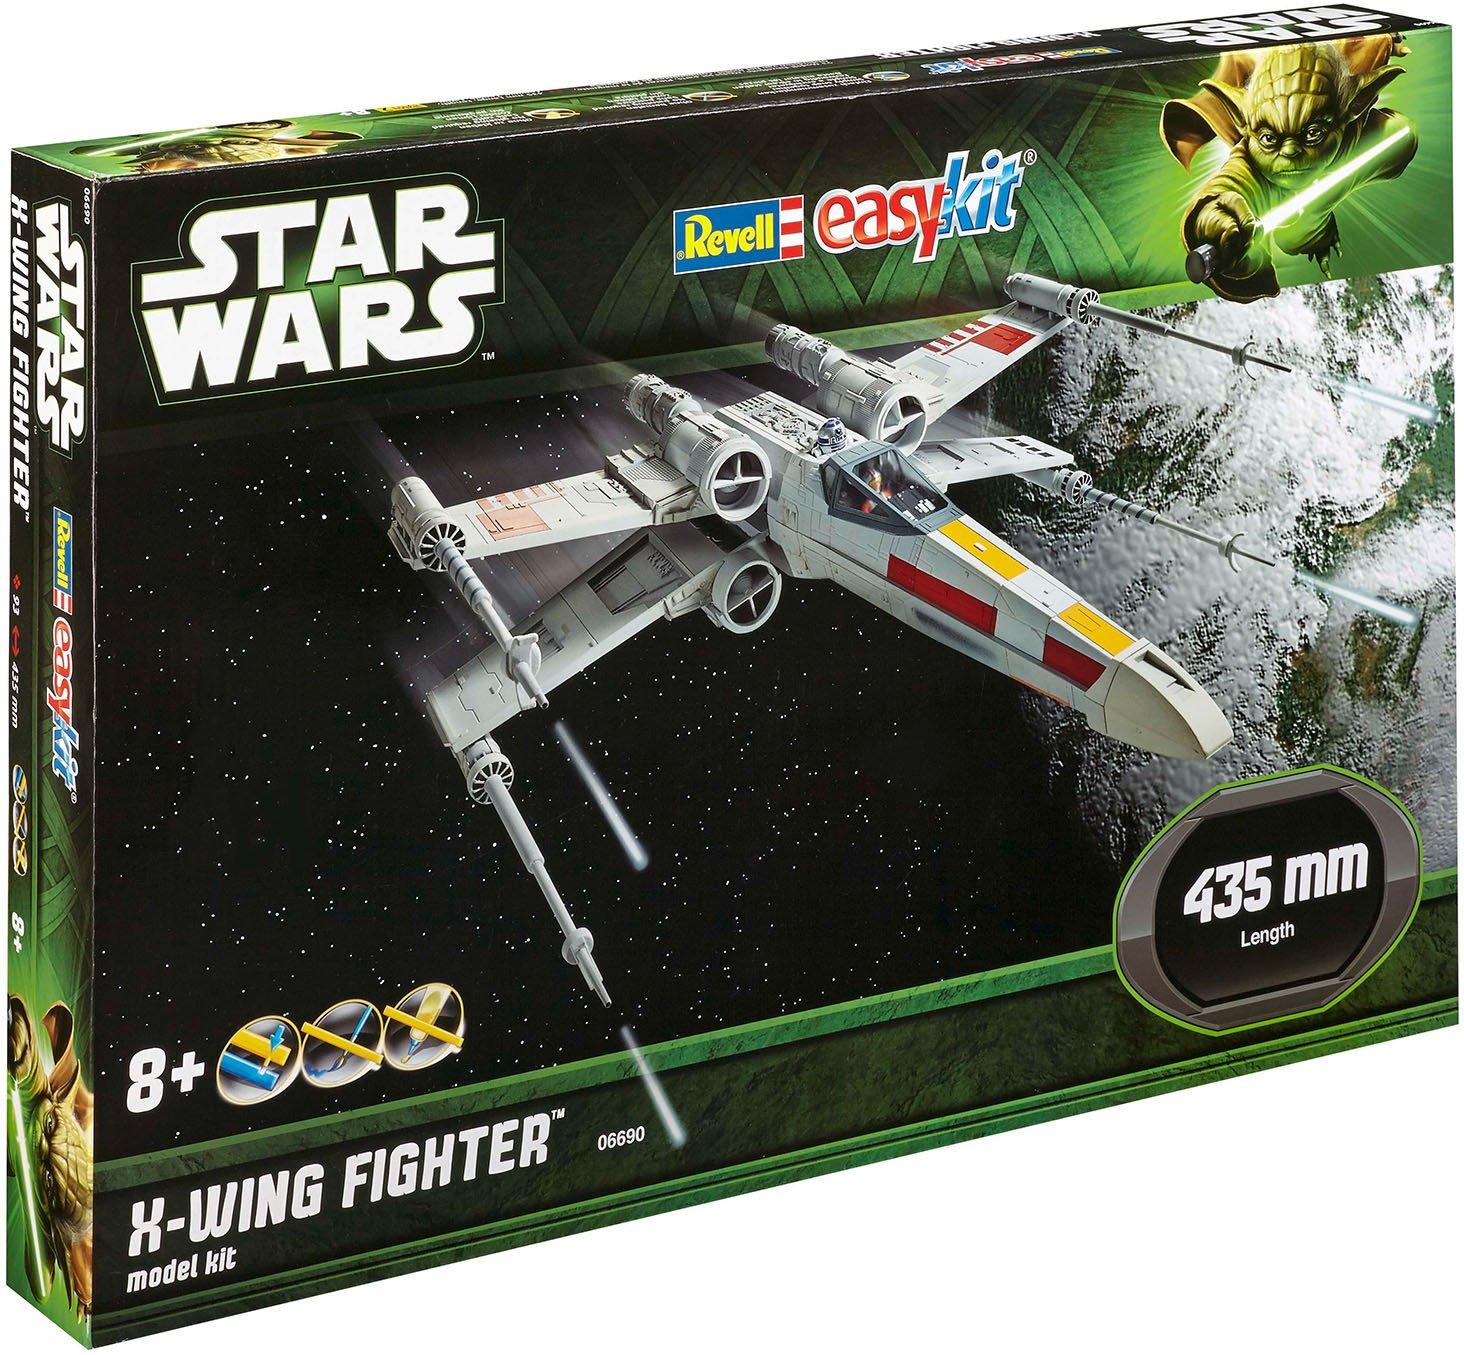 Revell 06690 Modellbausatz Star Wars X-Wing Fighter im Maßstab 1:29, Level 2, originalgetreue Nachbildung mit vielen Details, Steckmechanismus, mit vorbemalten und vordekorierten Teilen Revell_06690